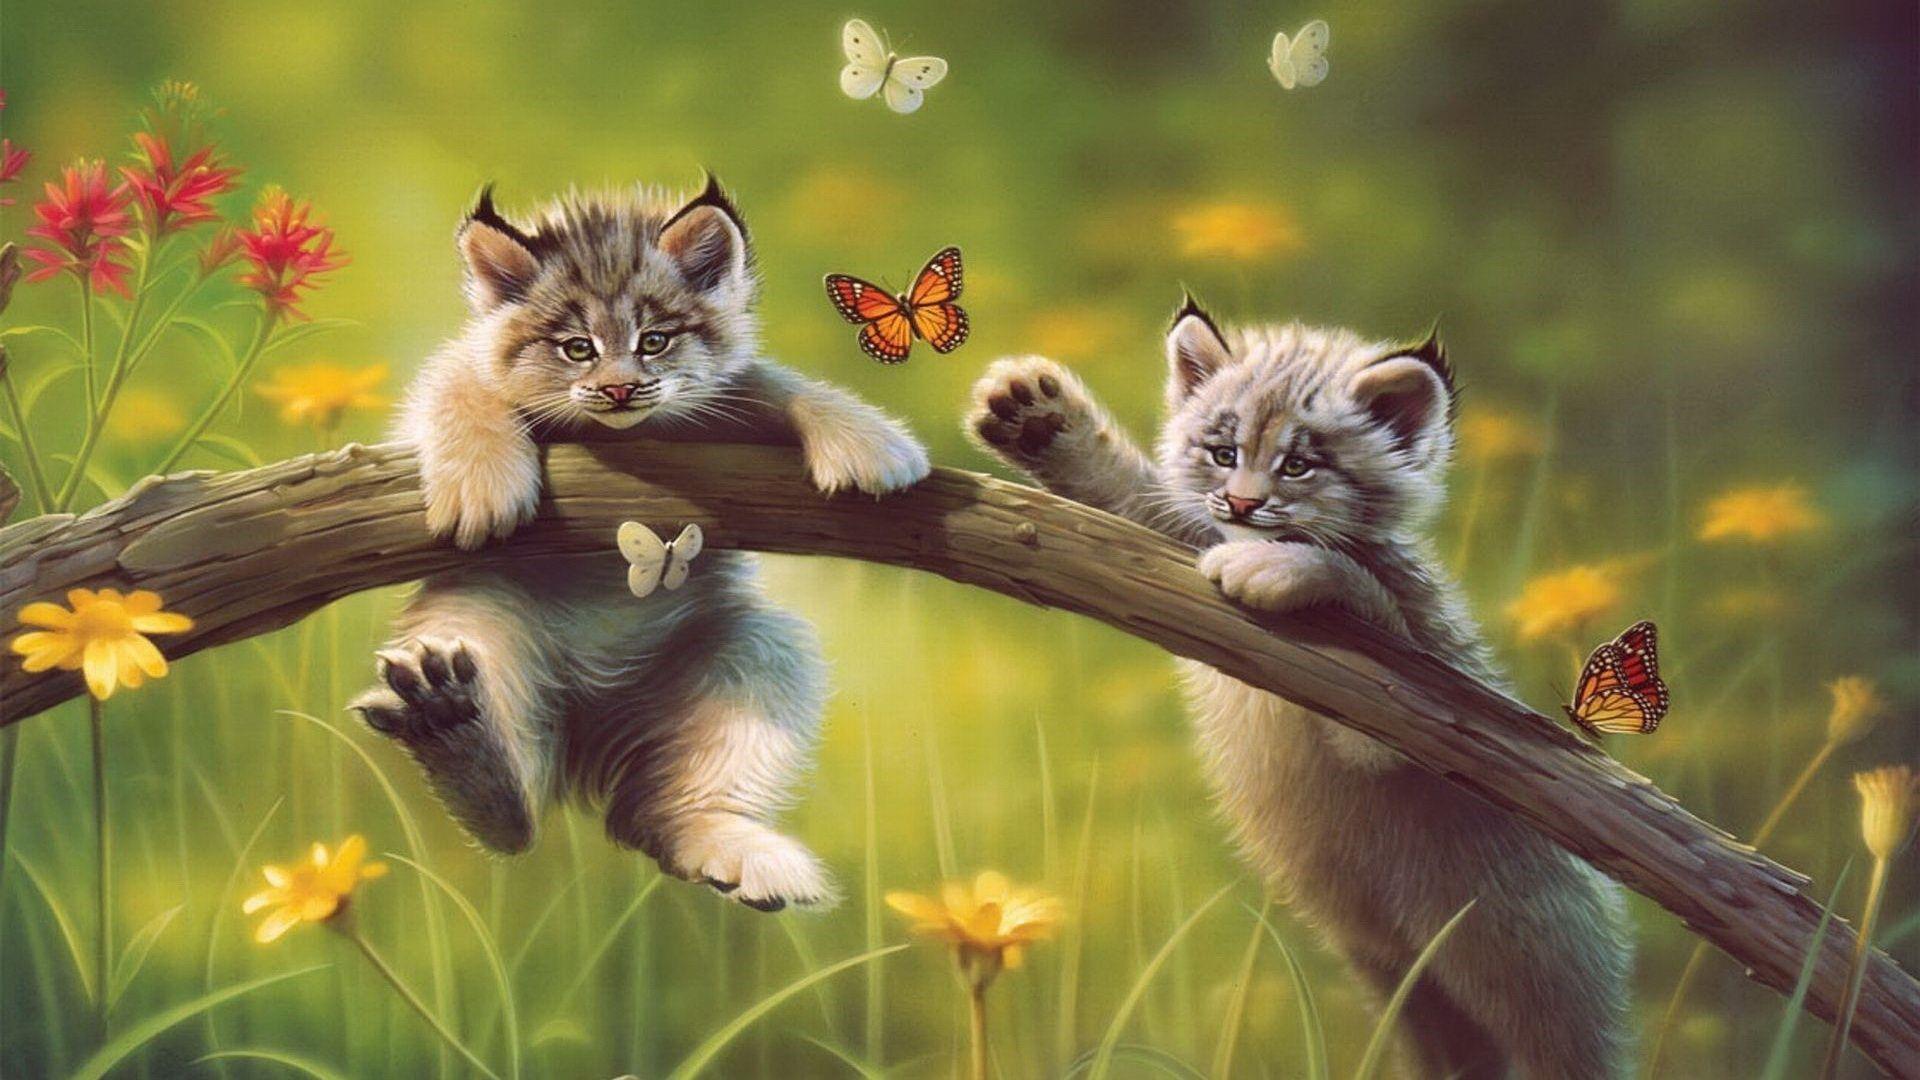 Wild Cats - Painting Art Wallpaper | Wallpaper Studio 10 | Tens of ...